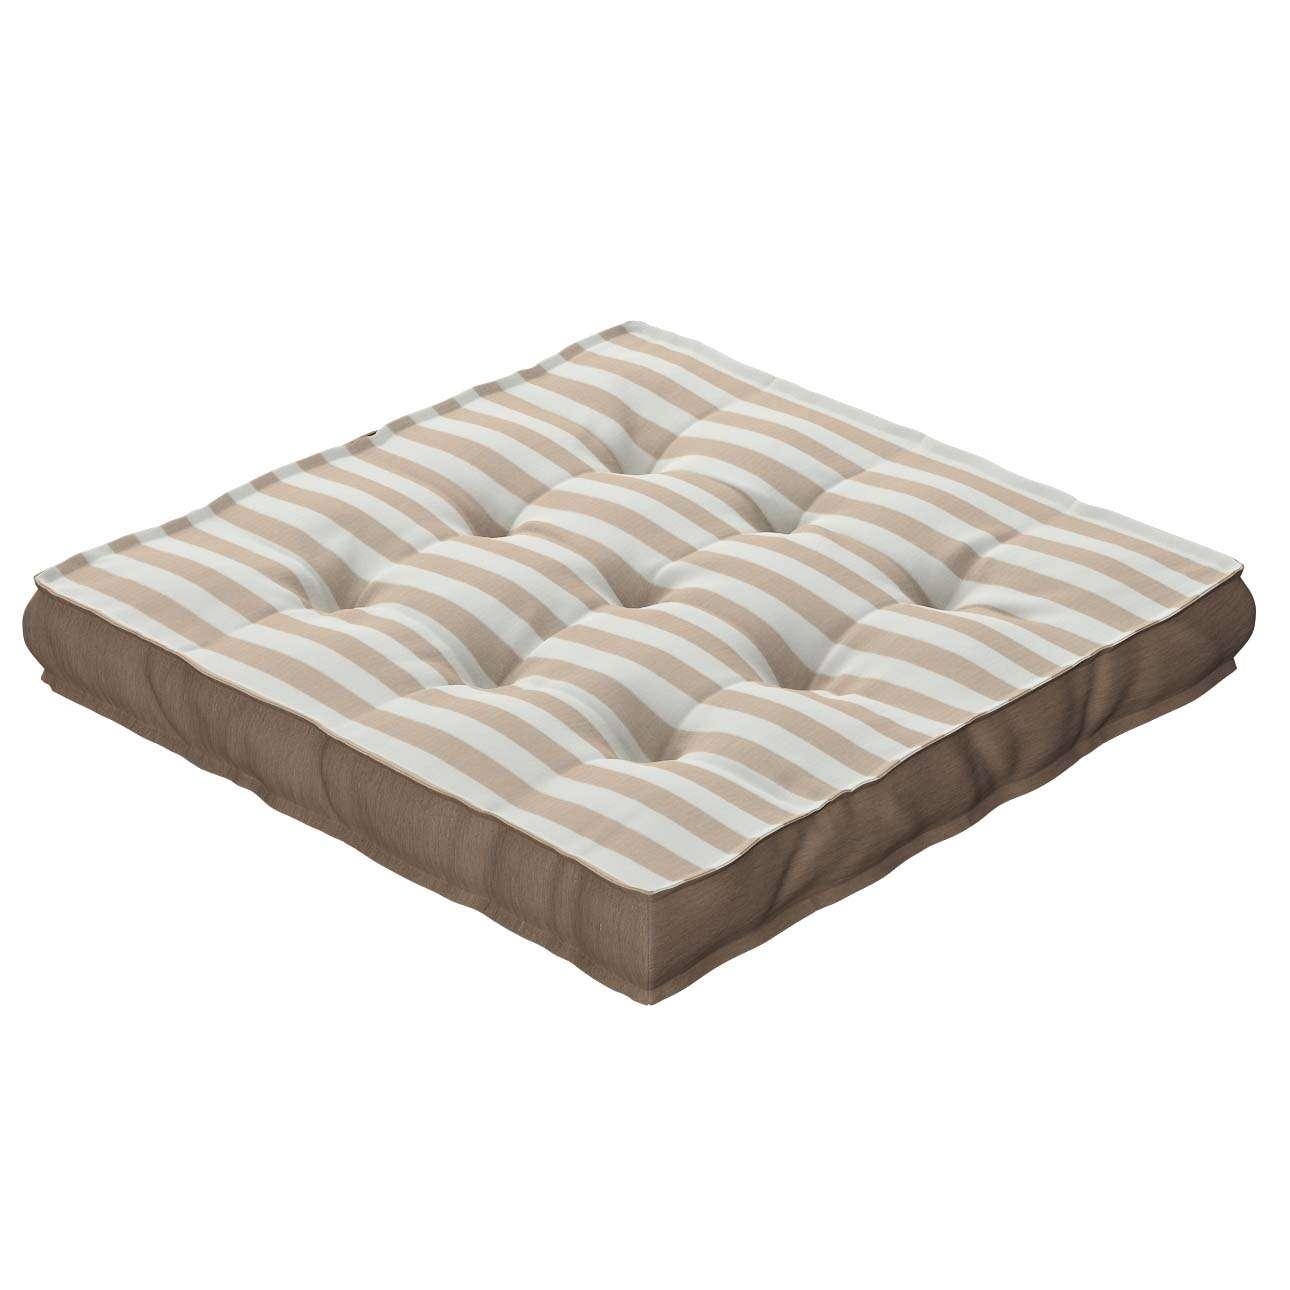 Pagalvėlė Kuba kėdei/ant grindų 40 x 40 x 6 cm kolekcijoje Quadro, audinys: 136-07